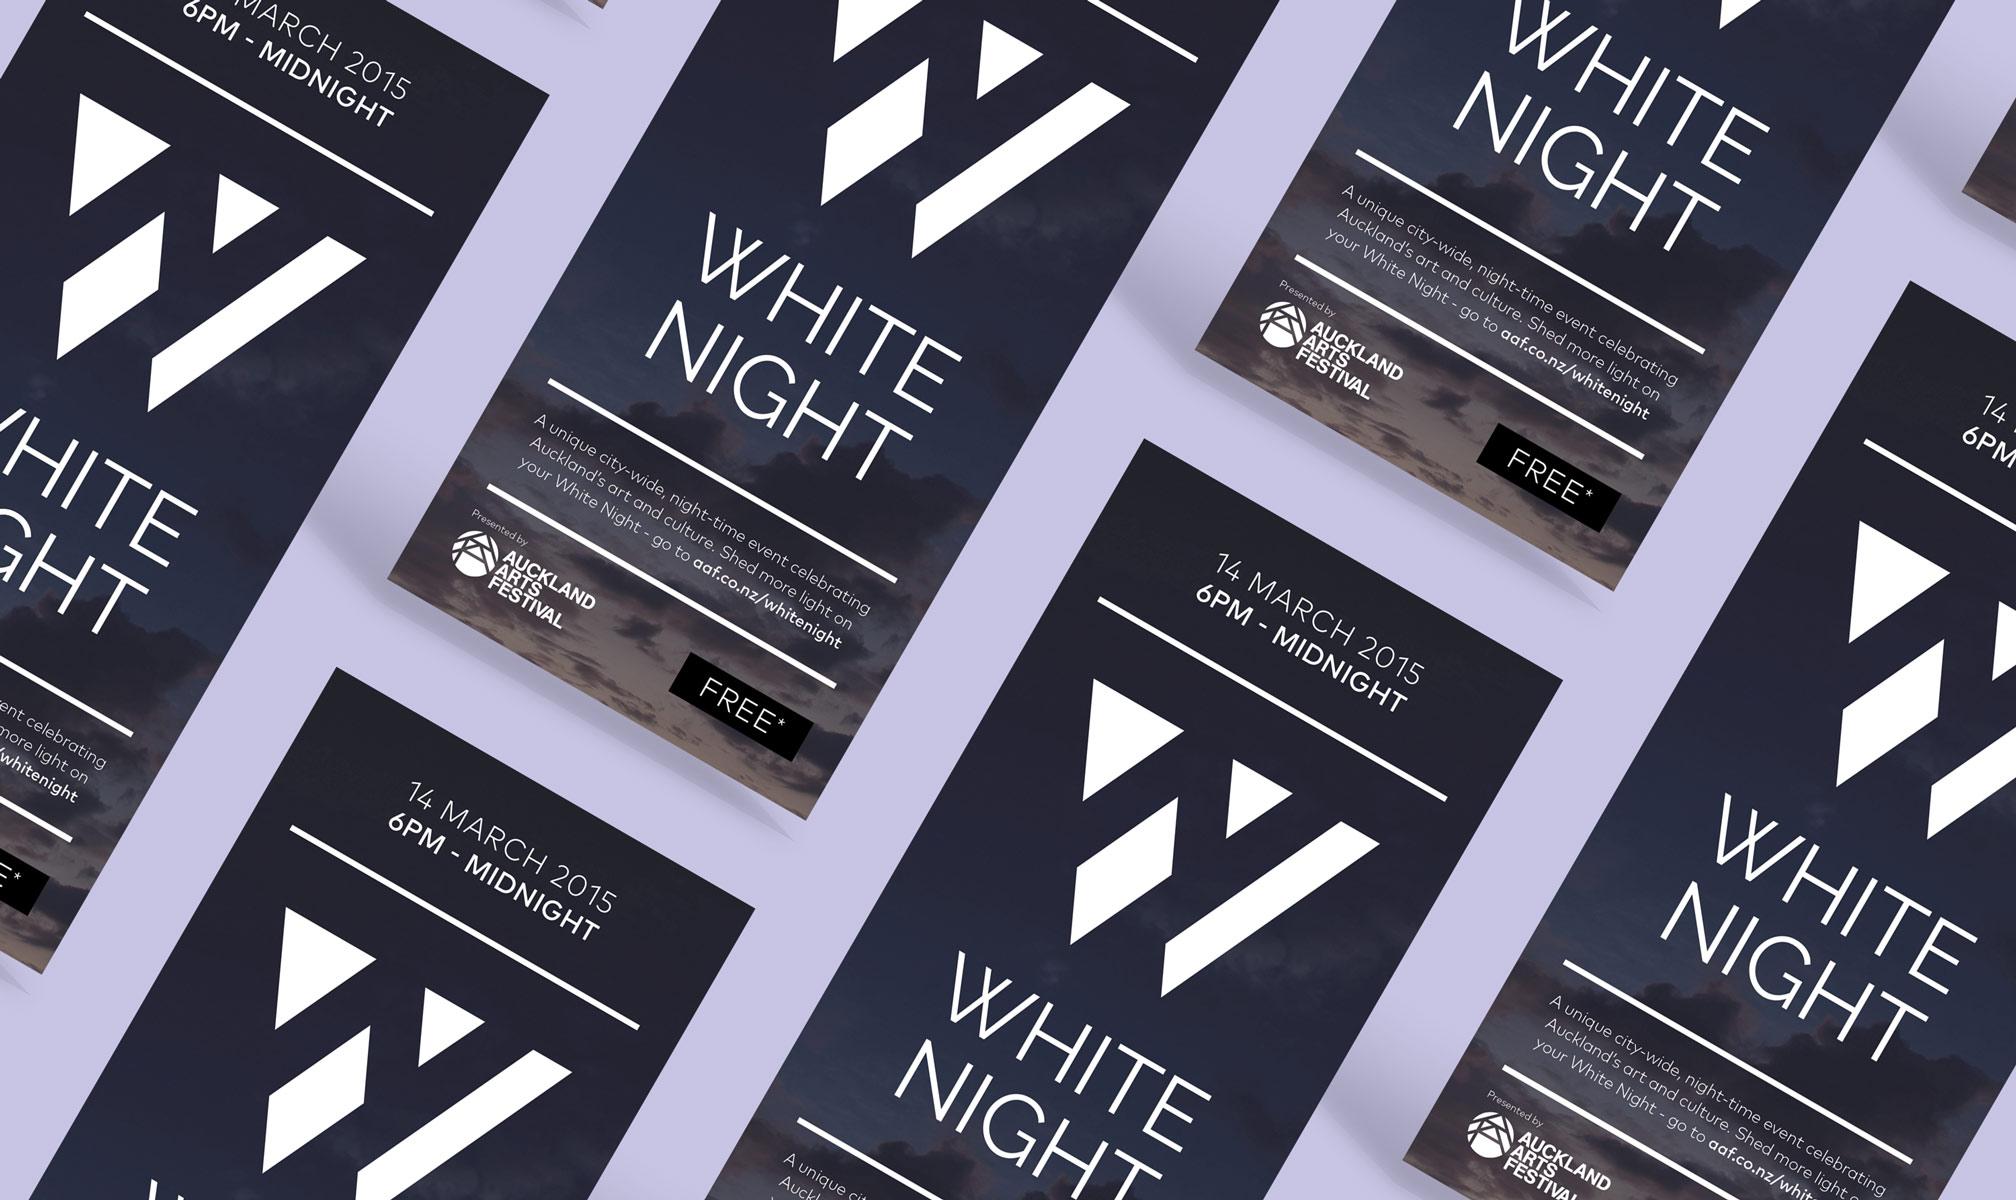 2-WhiteNightBrochure.jpg